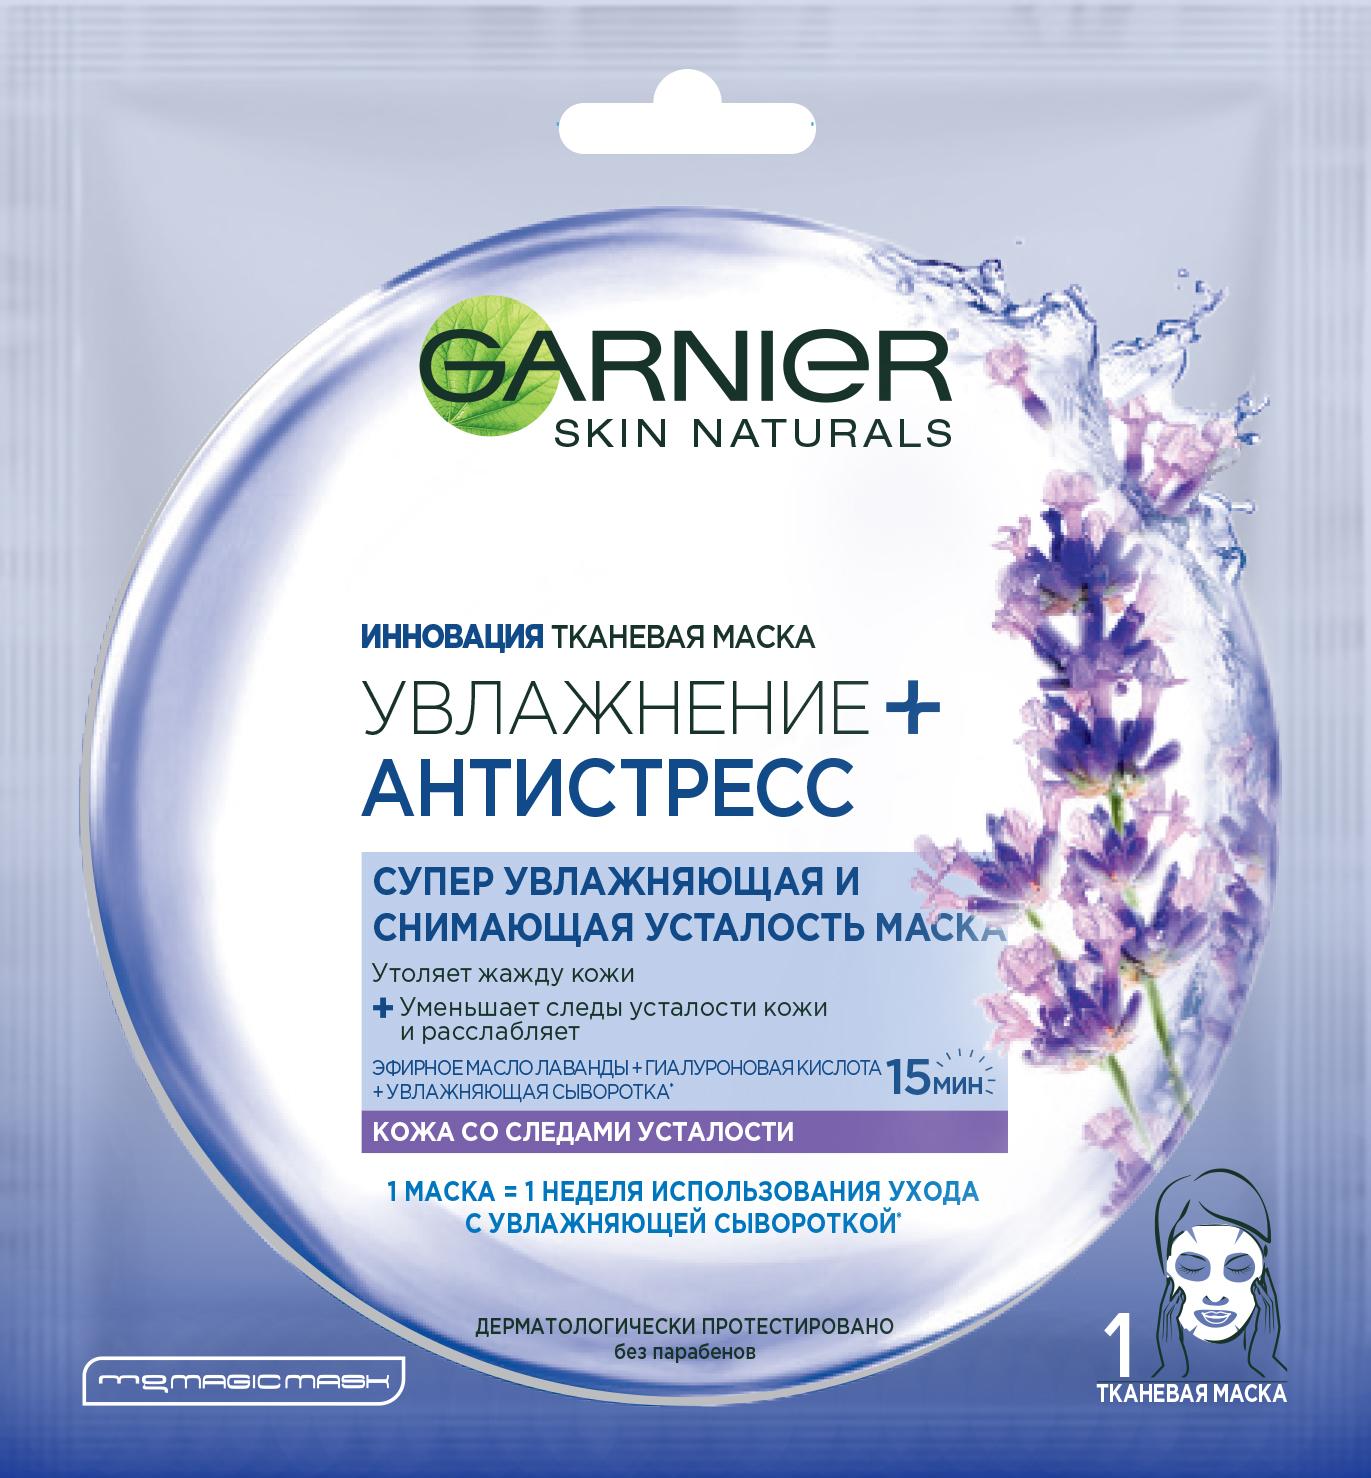 Маска для лица Garnier Увлажнение + Антистресс 32 г